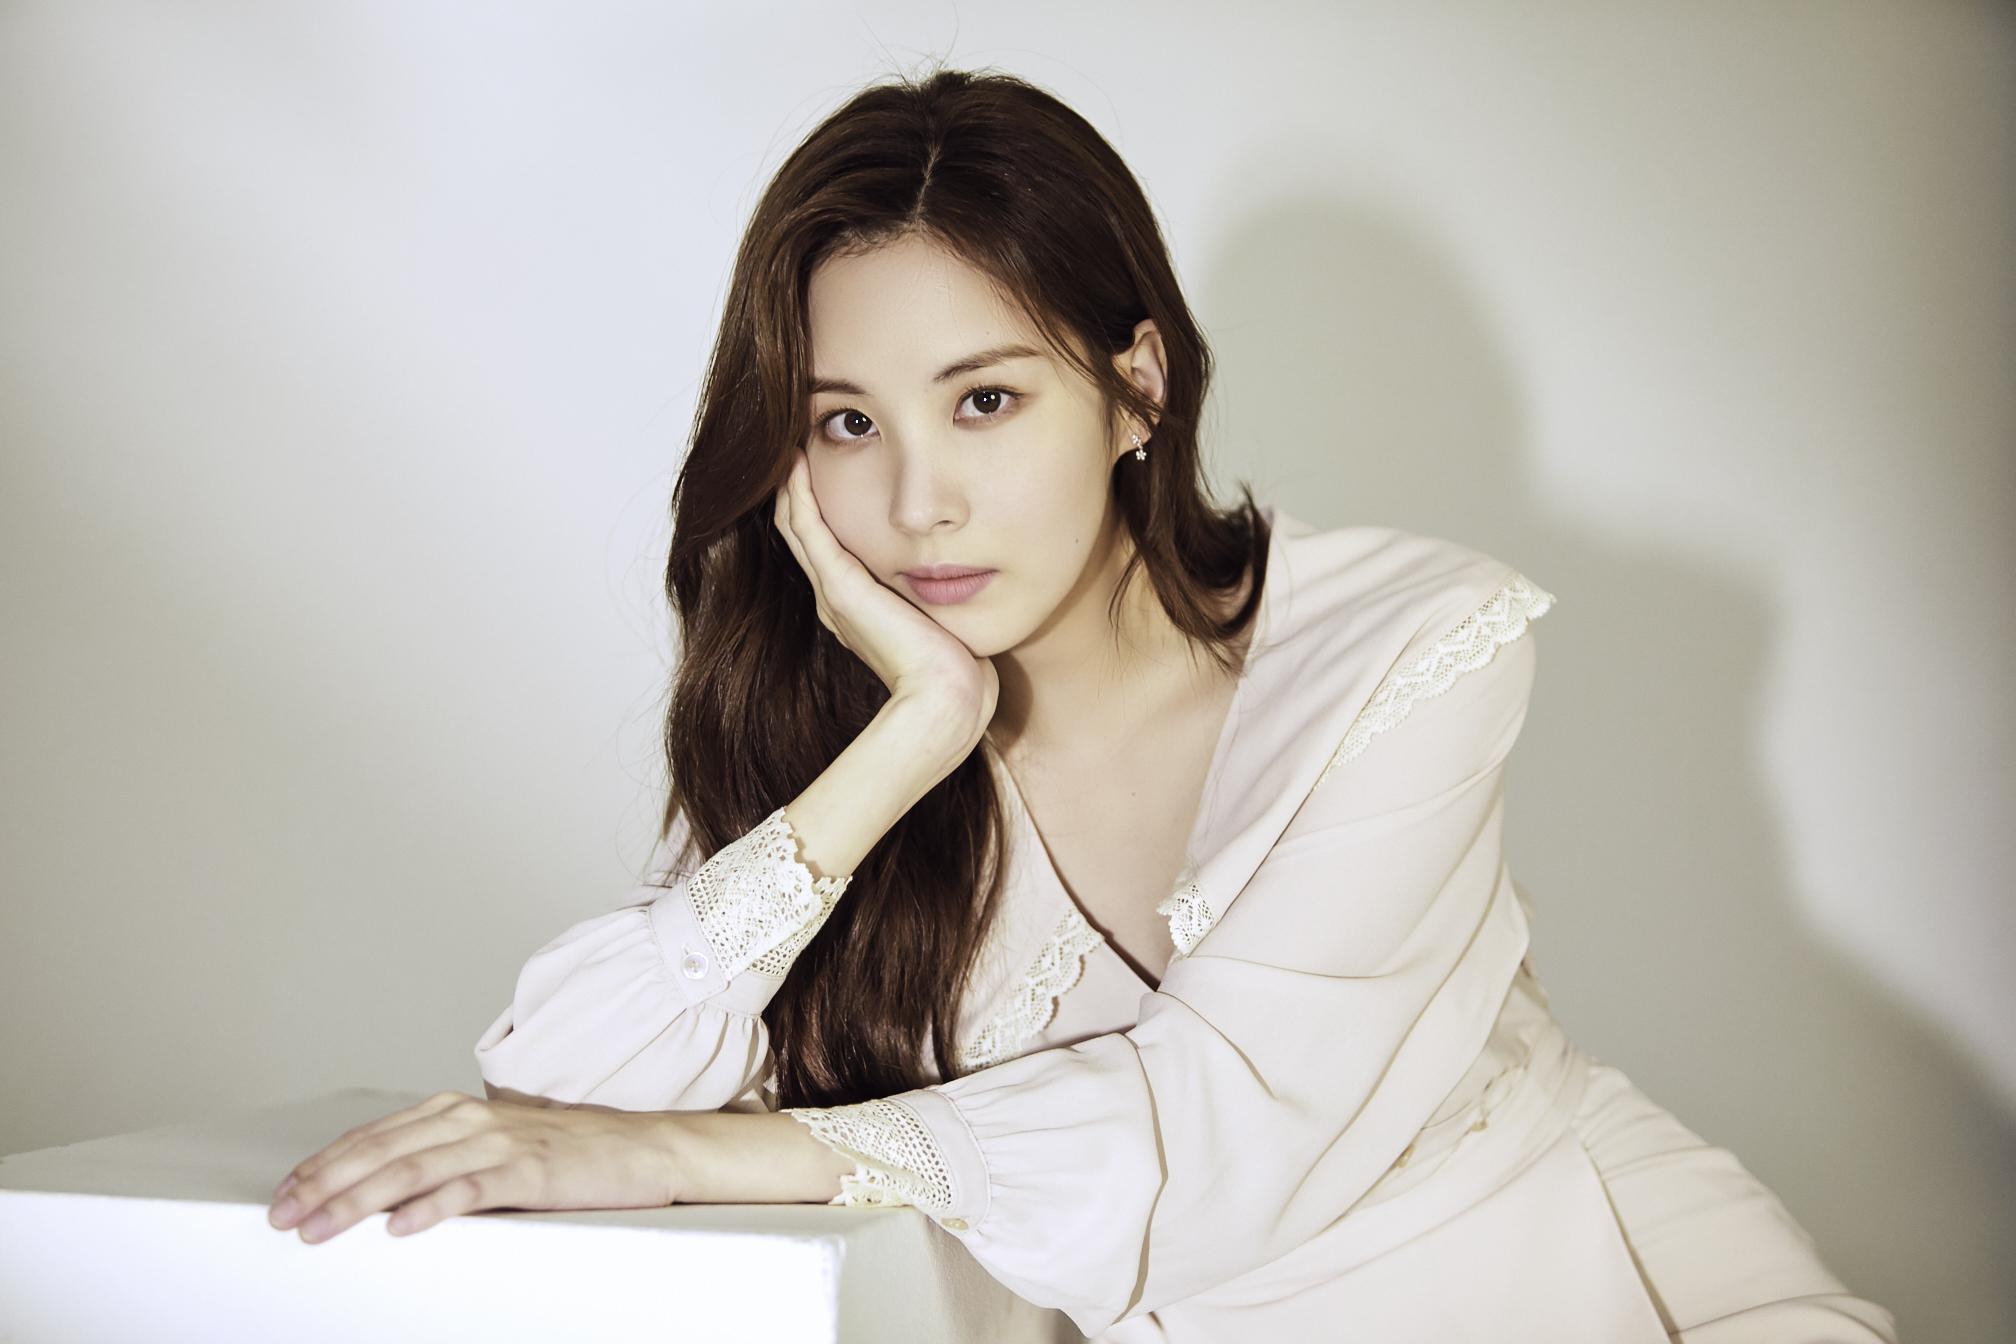 """[人스타] 서현, """"소녀시대 언니들에게 '소시파이브' 이름 추천. 새로운 게 또 있더라"""" ③"""